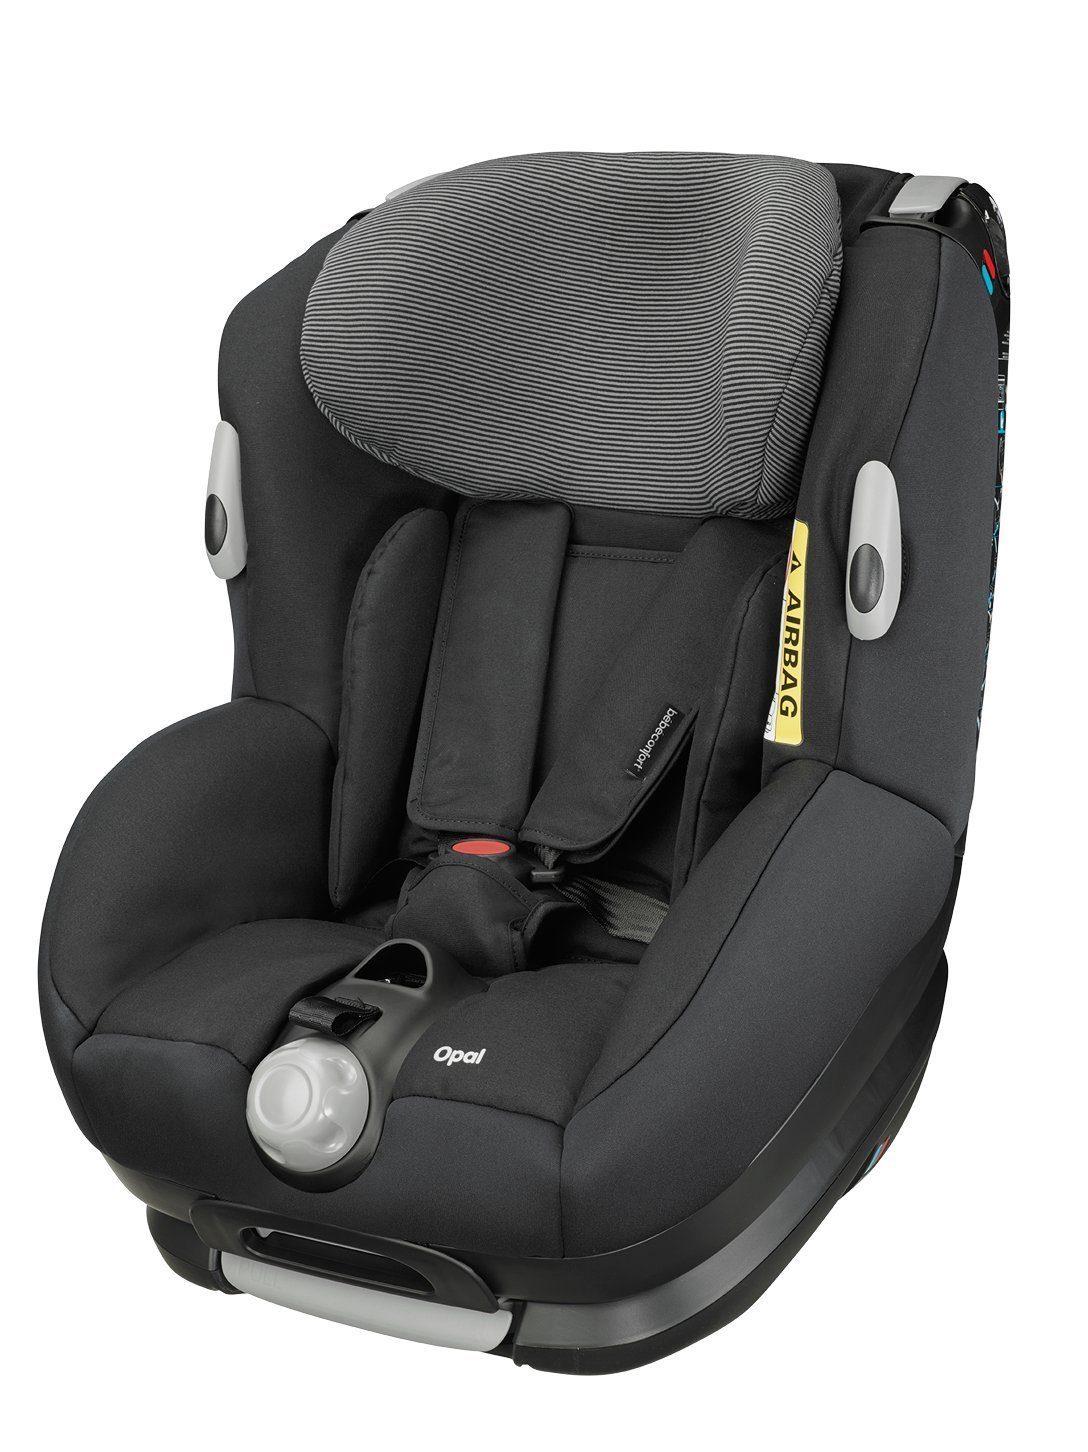 Siège auto Bébé Confort Opal, notre avis 712e76a4d828